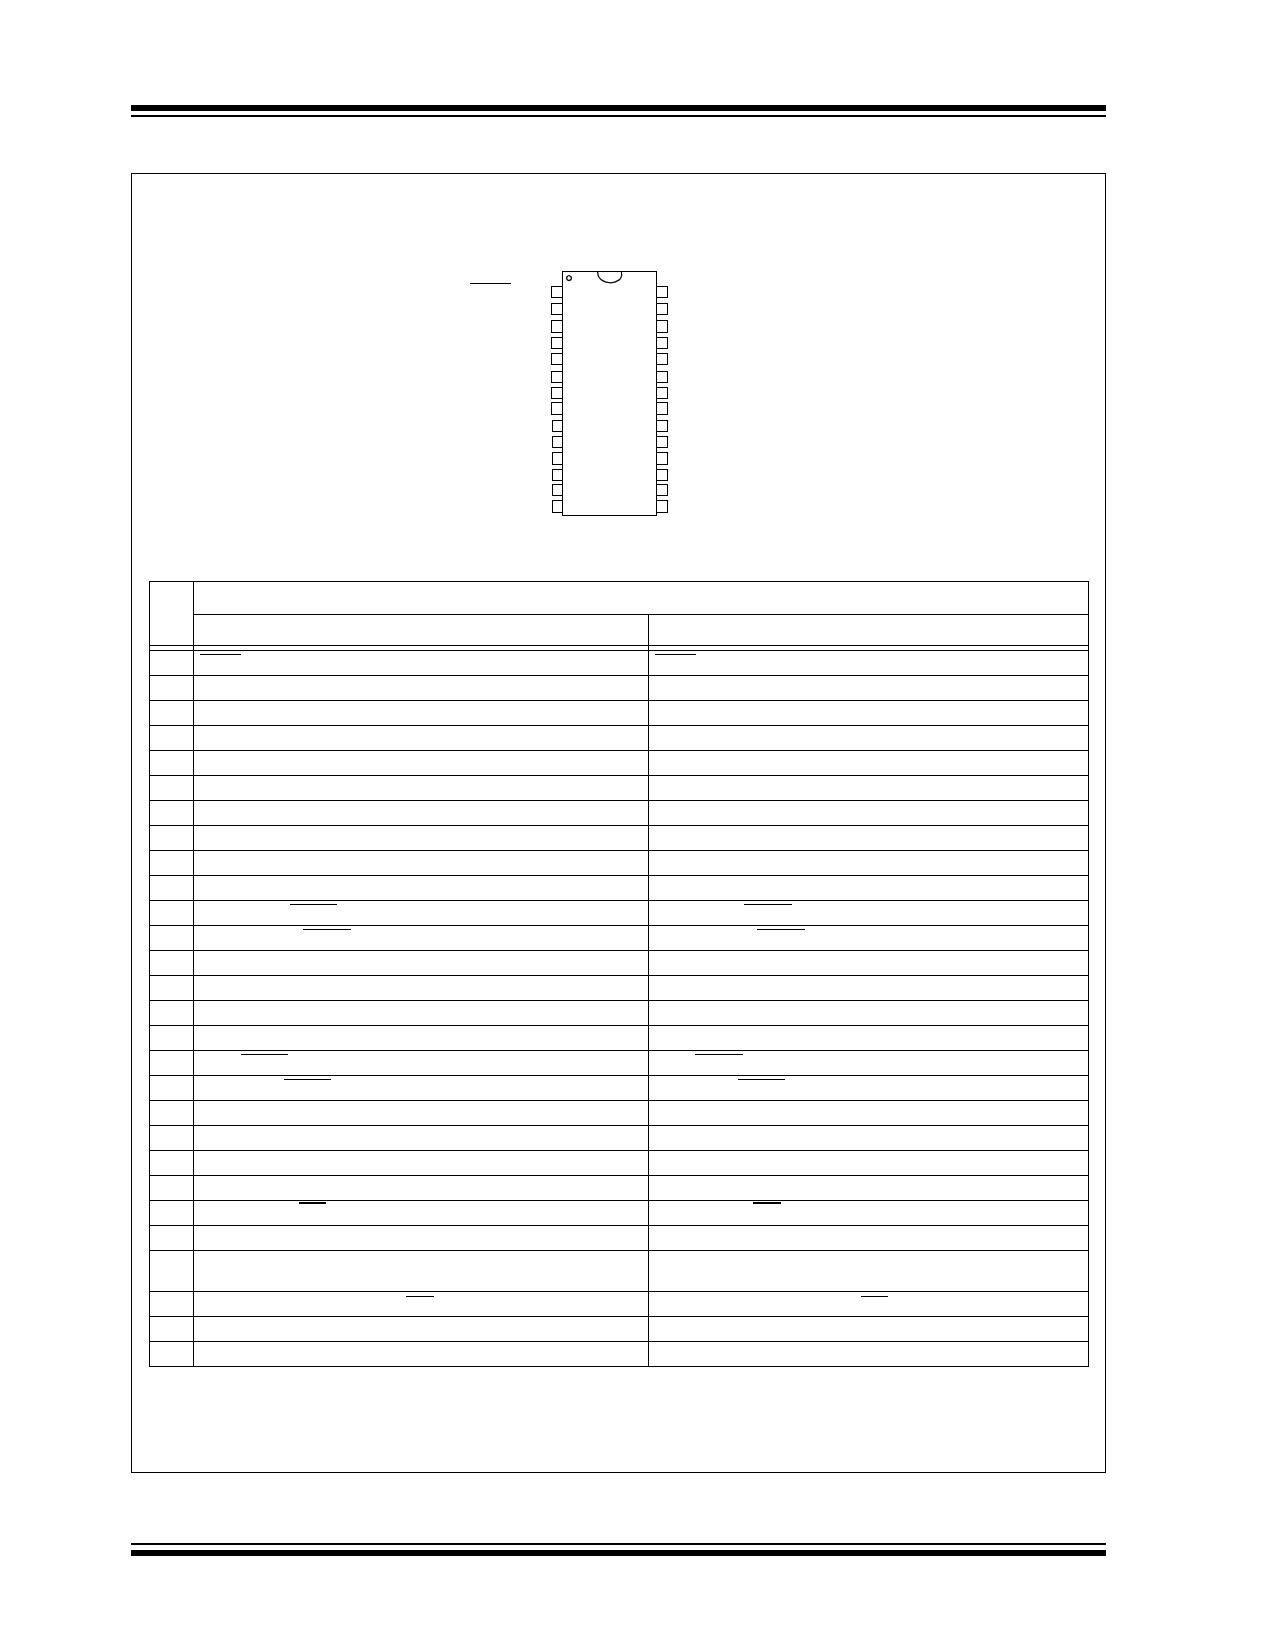 PIC24F16KA301 pdf, 반도체, 판매, 대치품